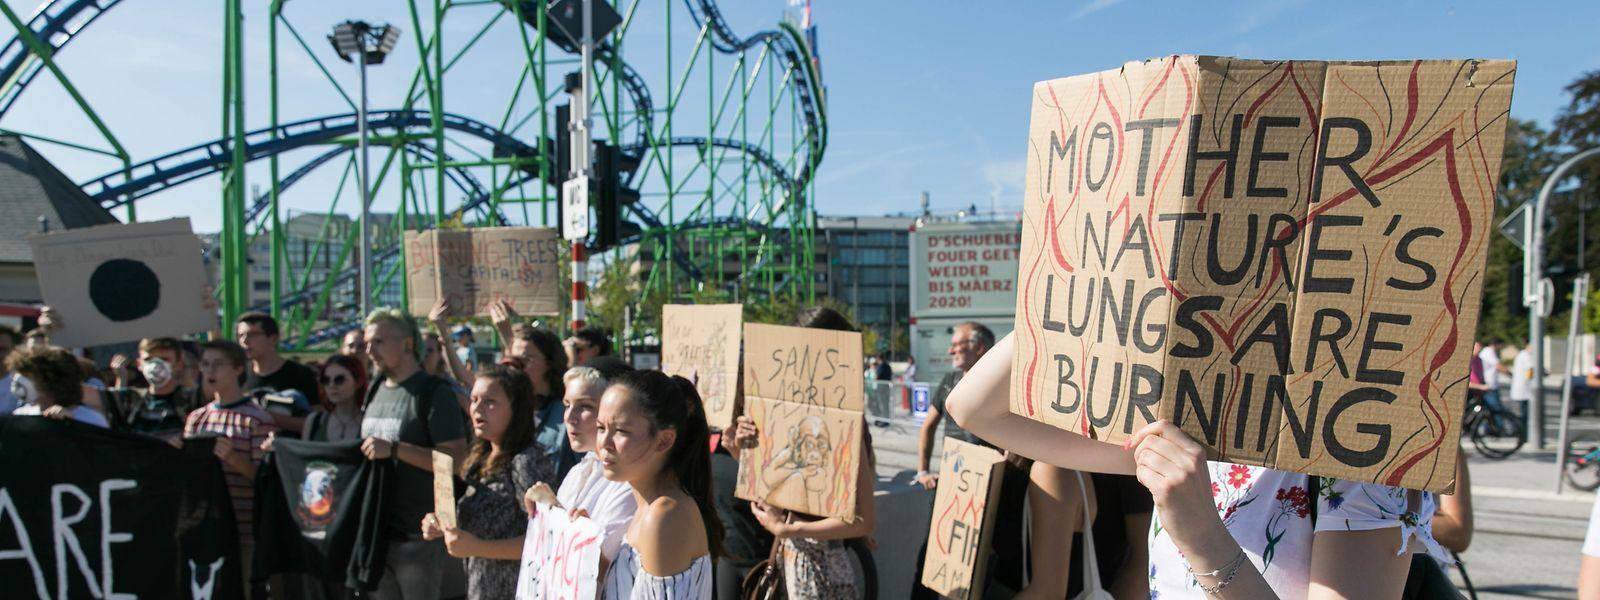 Zuletzt hatten die jungen Aktivisten von Youth for Climate Luxembourg während der offiziellen Einweihung der Schobermesse in Luxemburg-Stadt demonstriert.